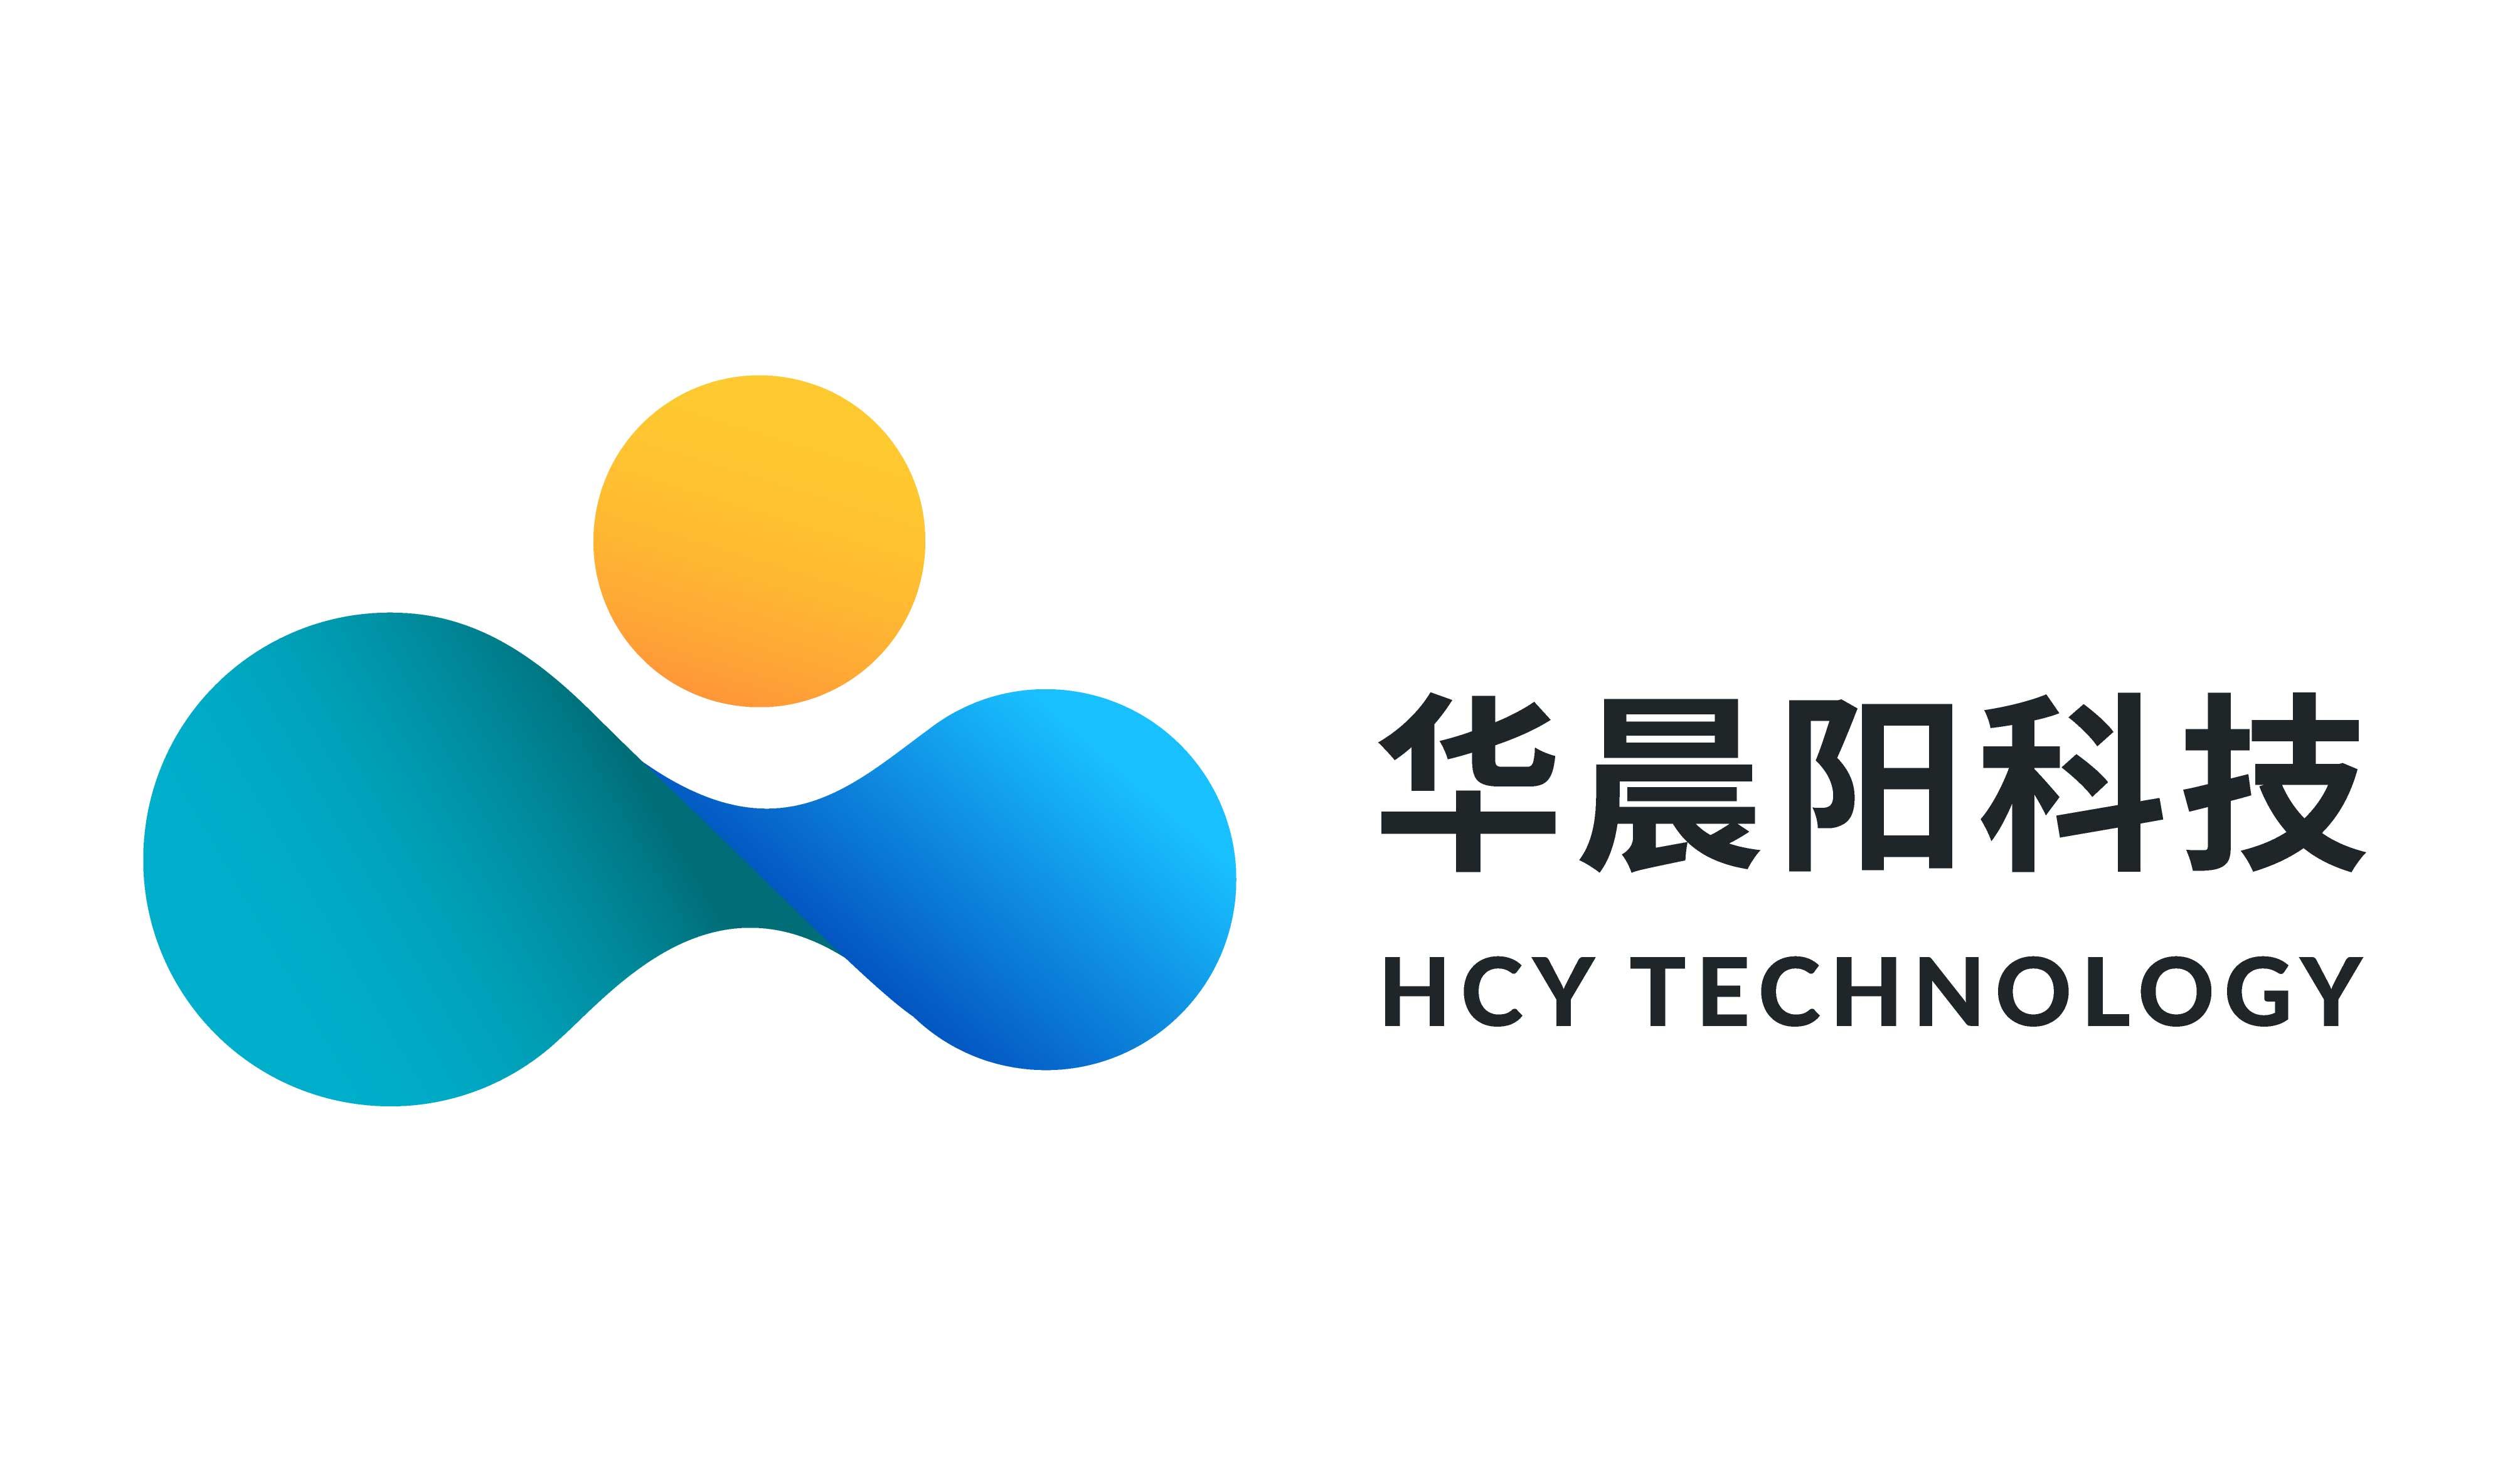 深圳市華晨陽科技有限公司